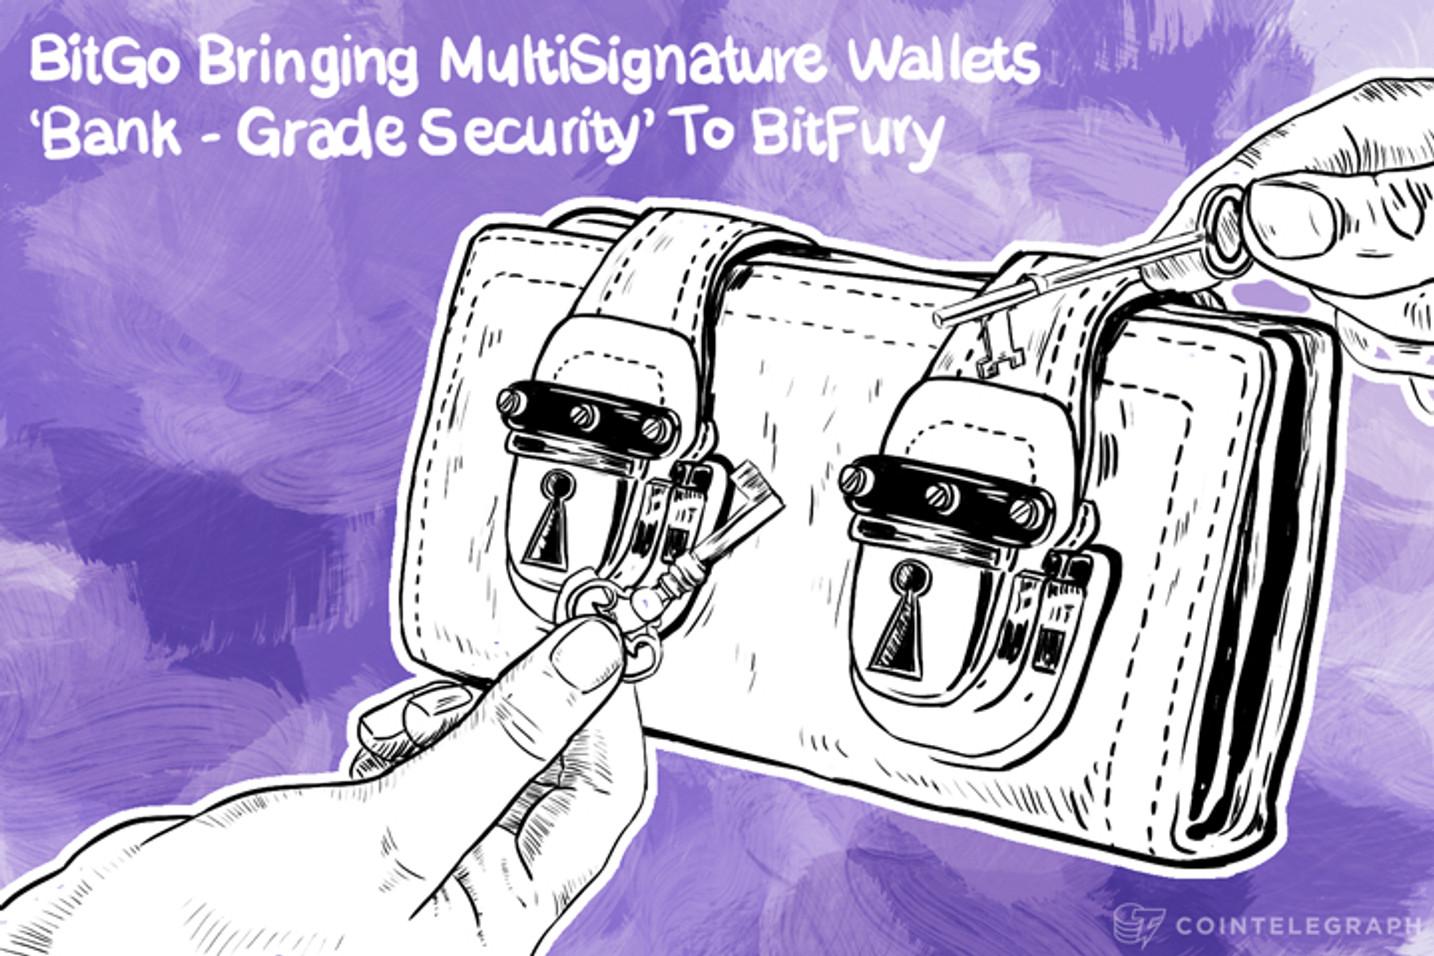 BitGo Bringing Multisignature Wallets, 'Bank-Like Security' To BitFury